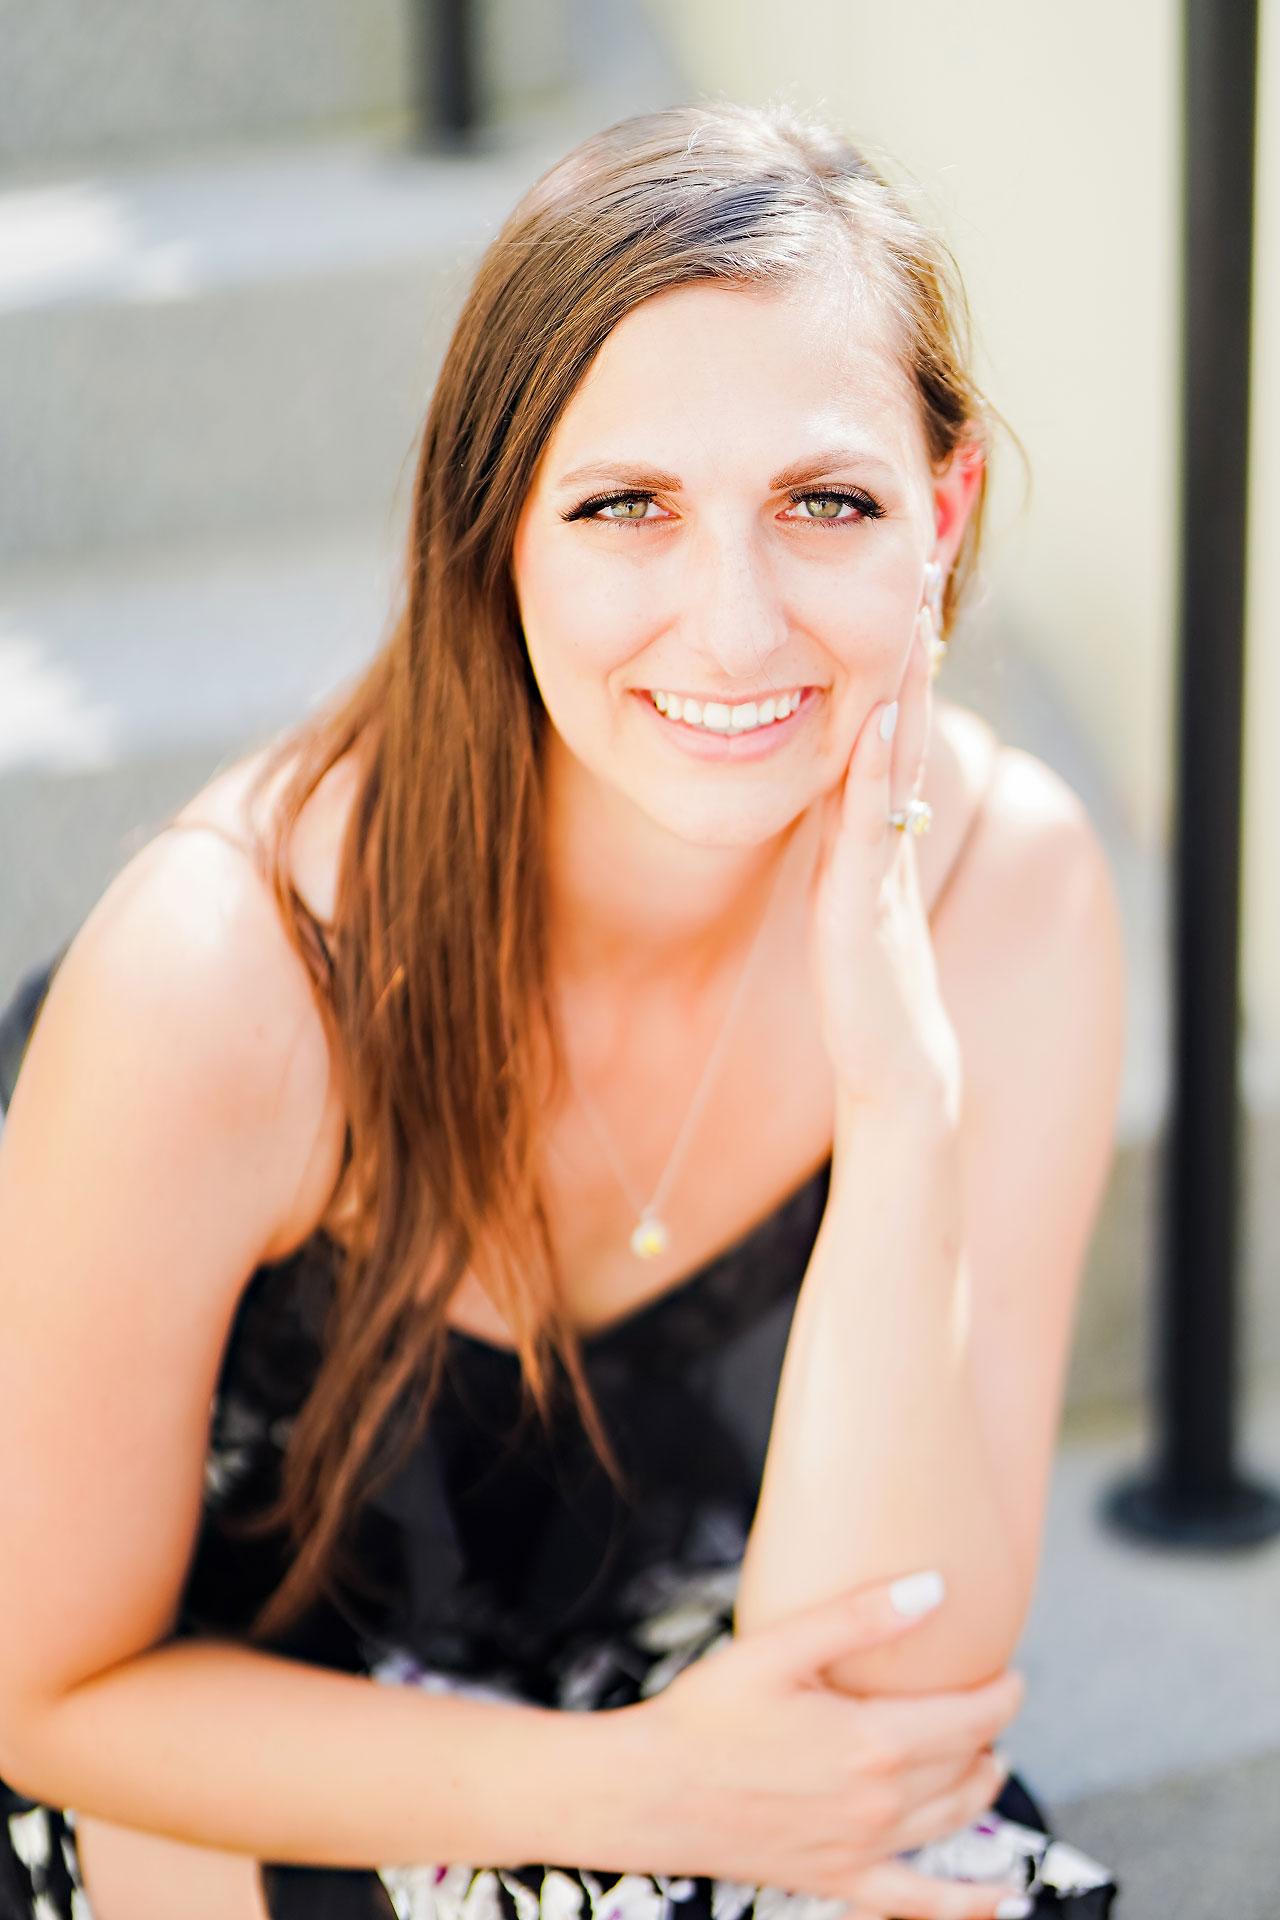 Allison Ben Bottleworks Indianapolis Engagement Session 068